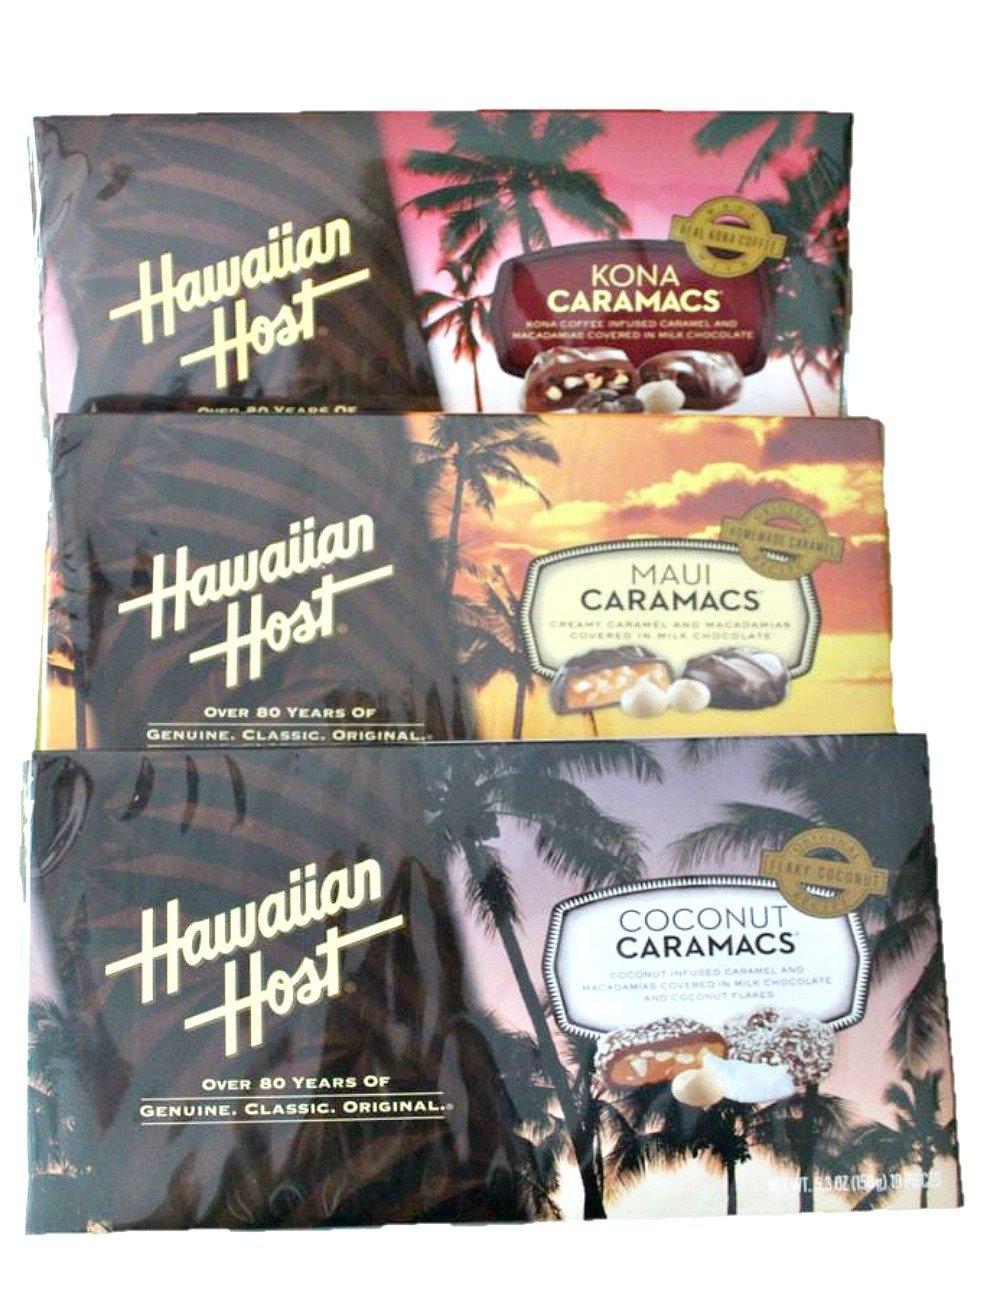 Hawaiian Host Caramac Variety 3 Pack (Maui Caramacs, Kona Caramacs, Coconut Caramacs)